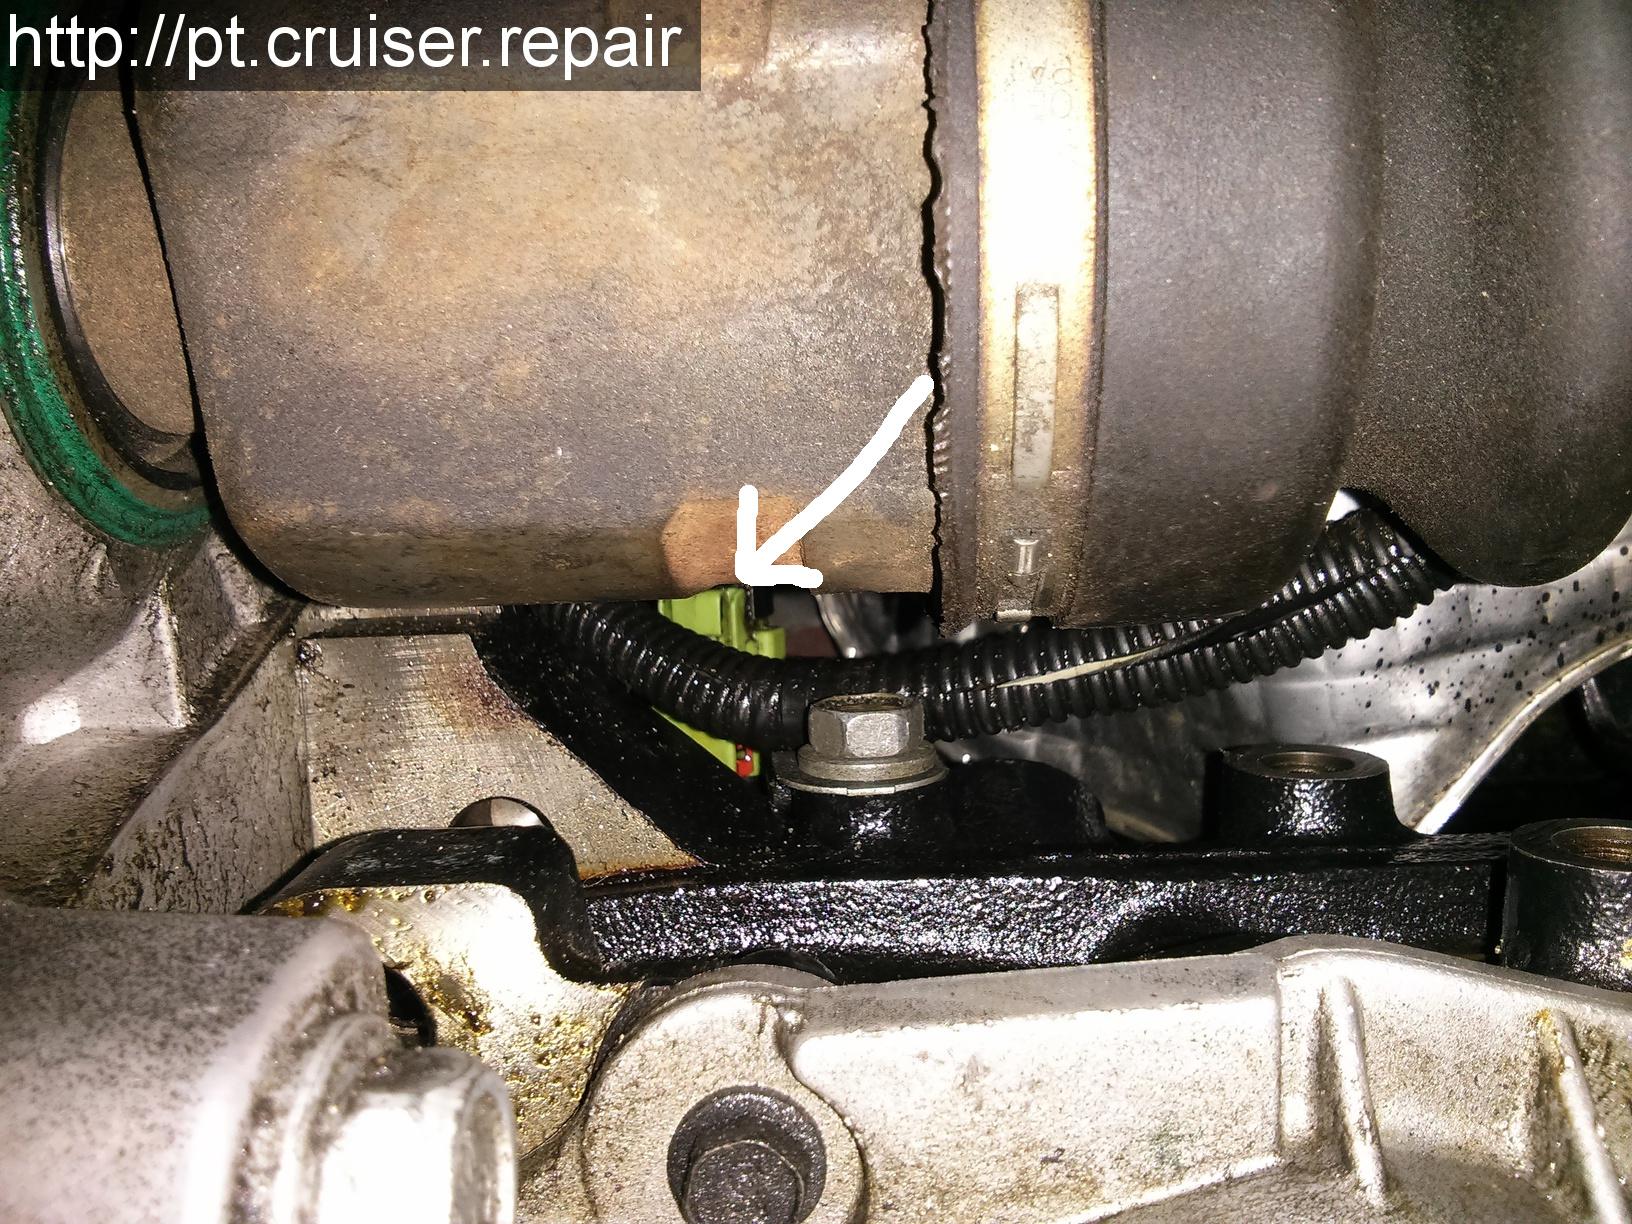 hight resolution of position du capteur de pression d huile sur un pt cruiser 2 4l essence